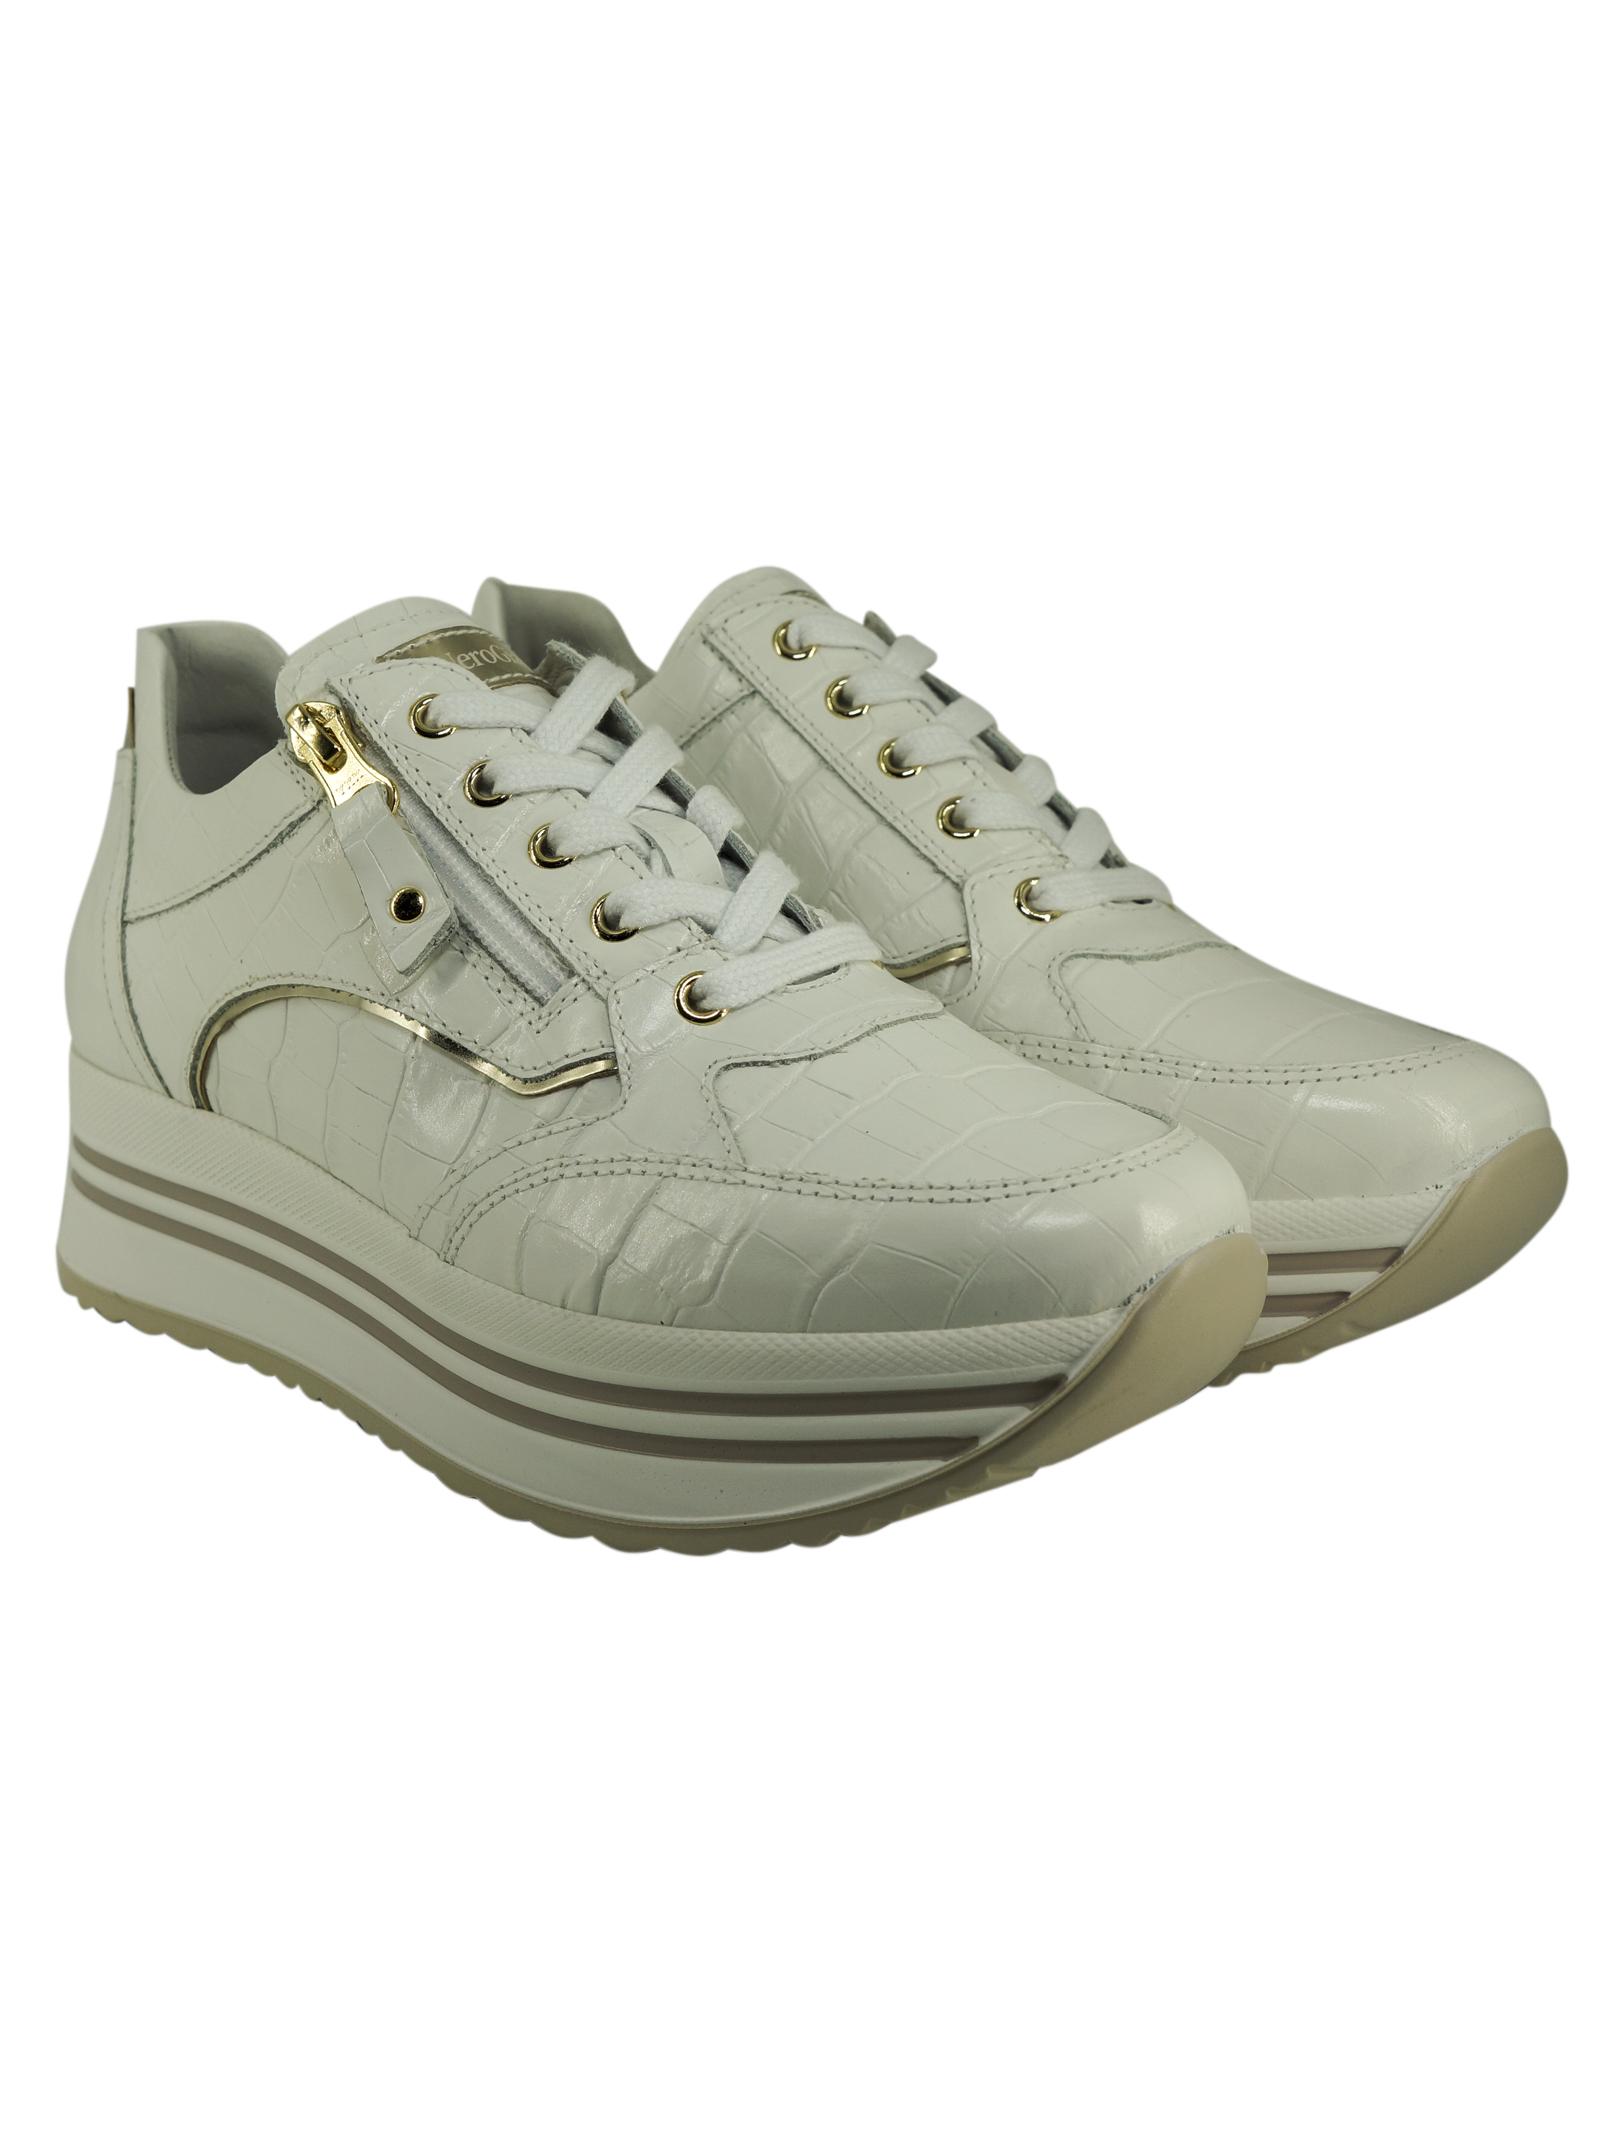 Sneakers Donna in Pelle Nero Giardini Nero Giardini | Sneakers | E115190DBIANCO707